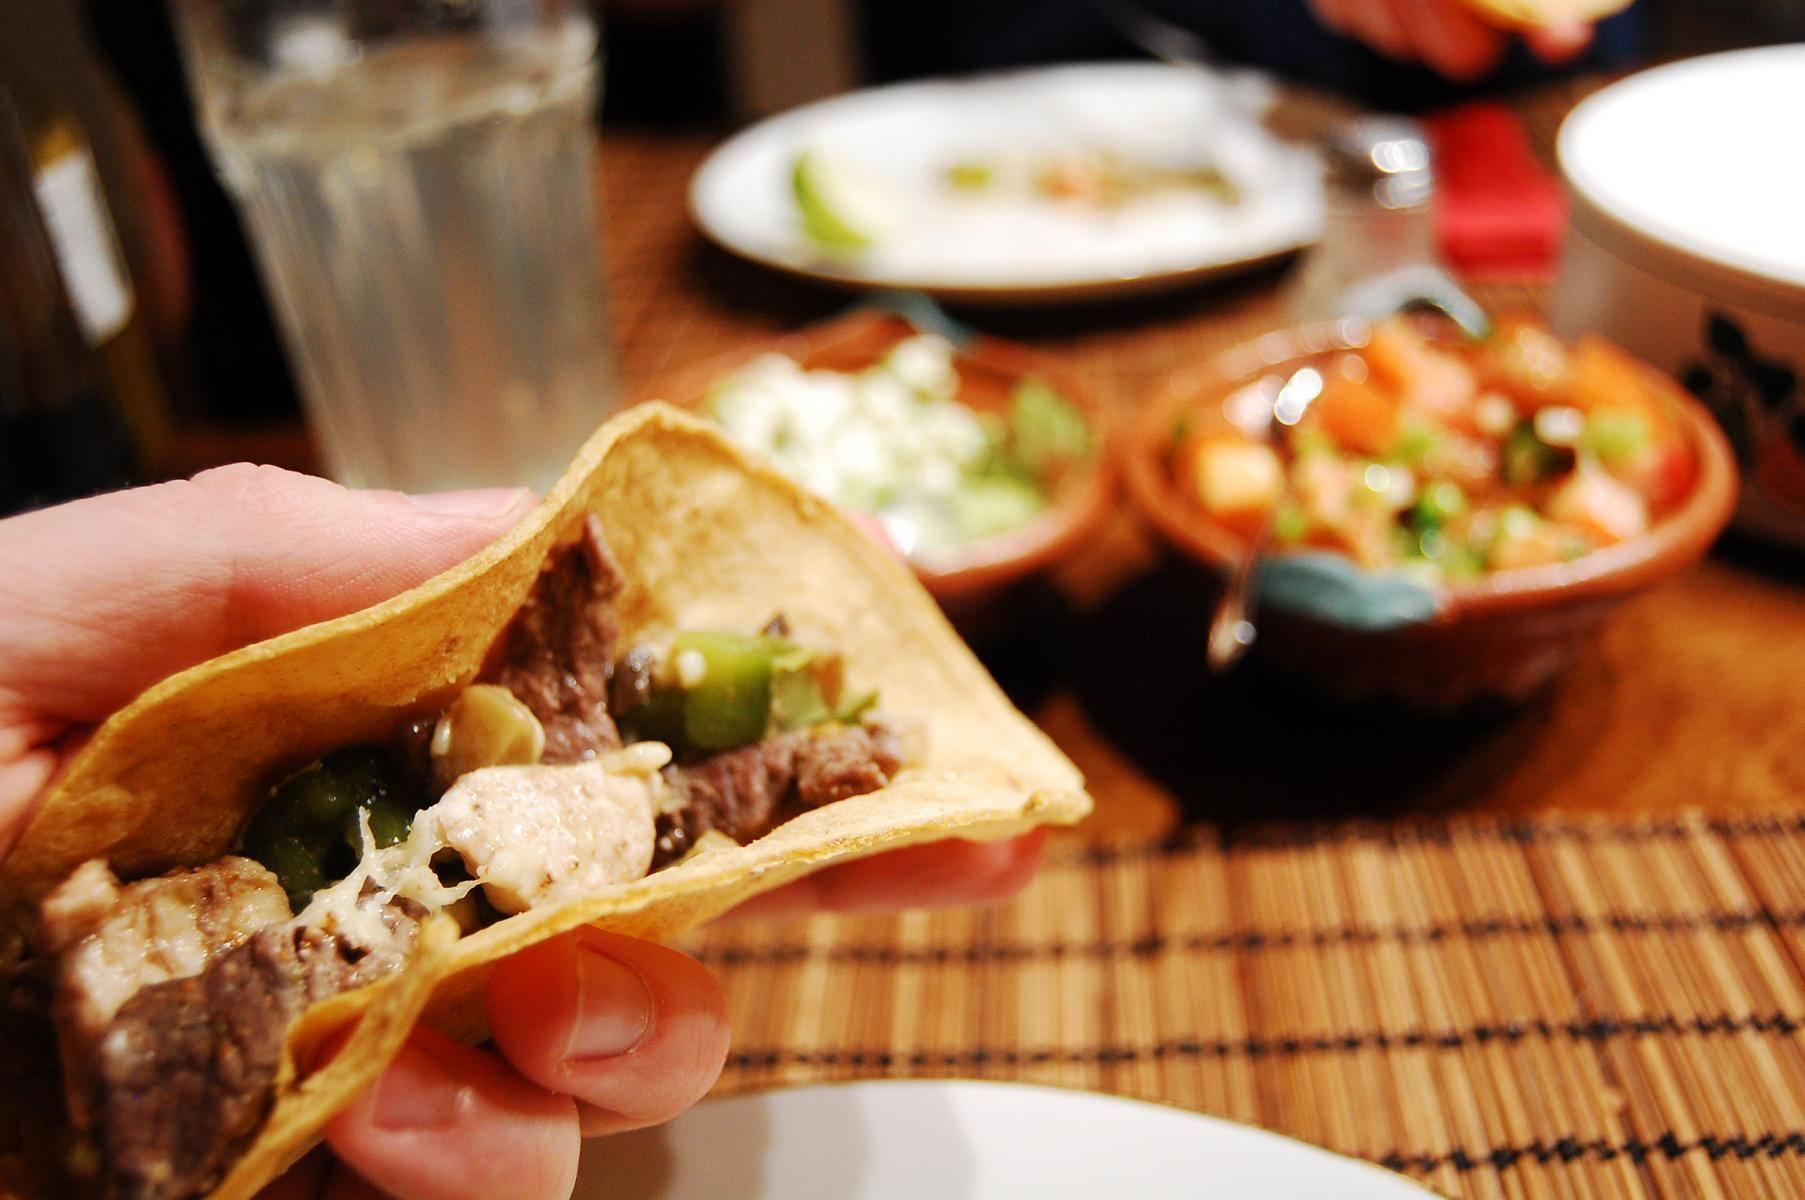 Rezept für original mexikanische Tacos mit Guacamole